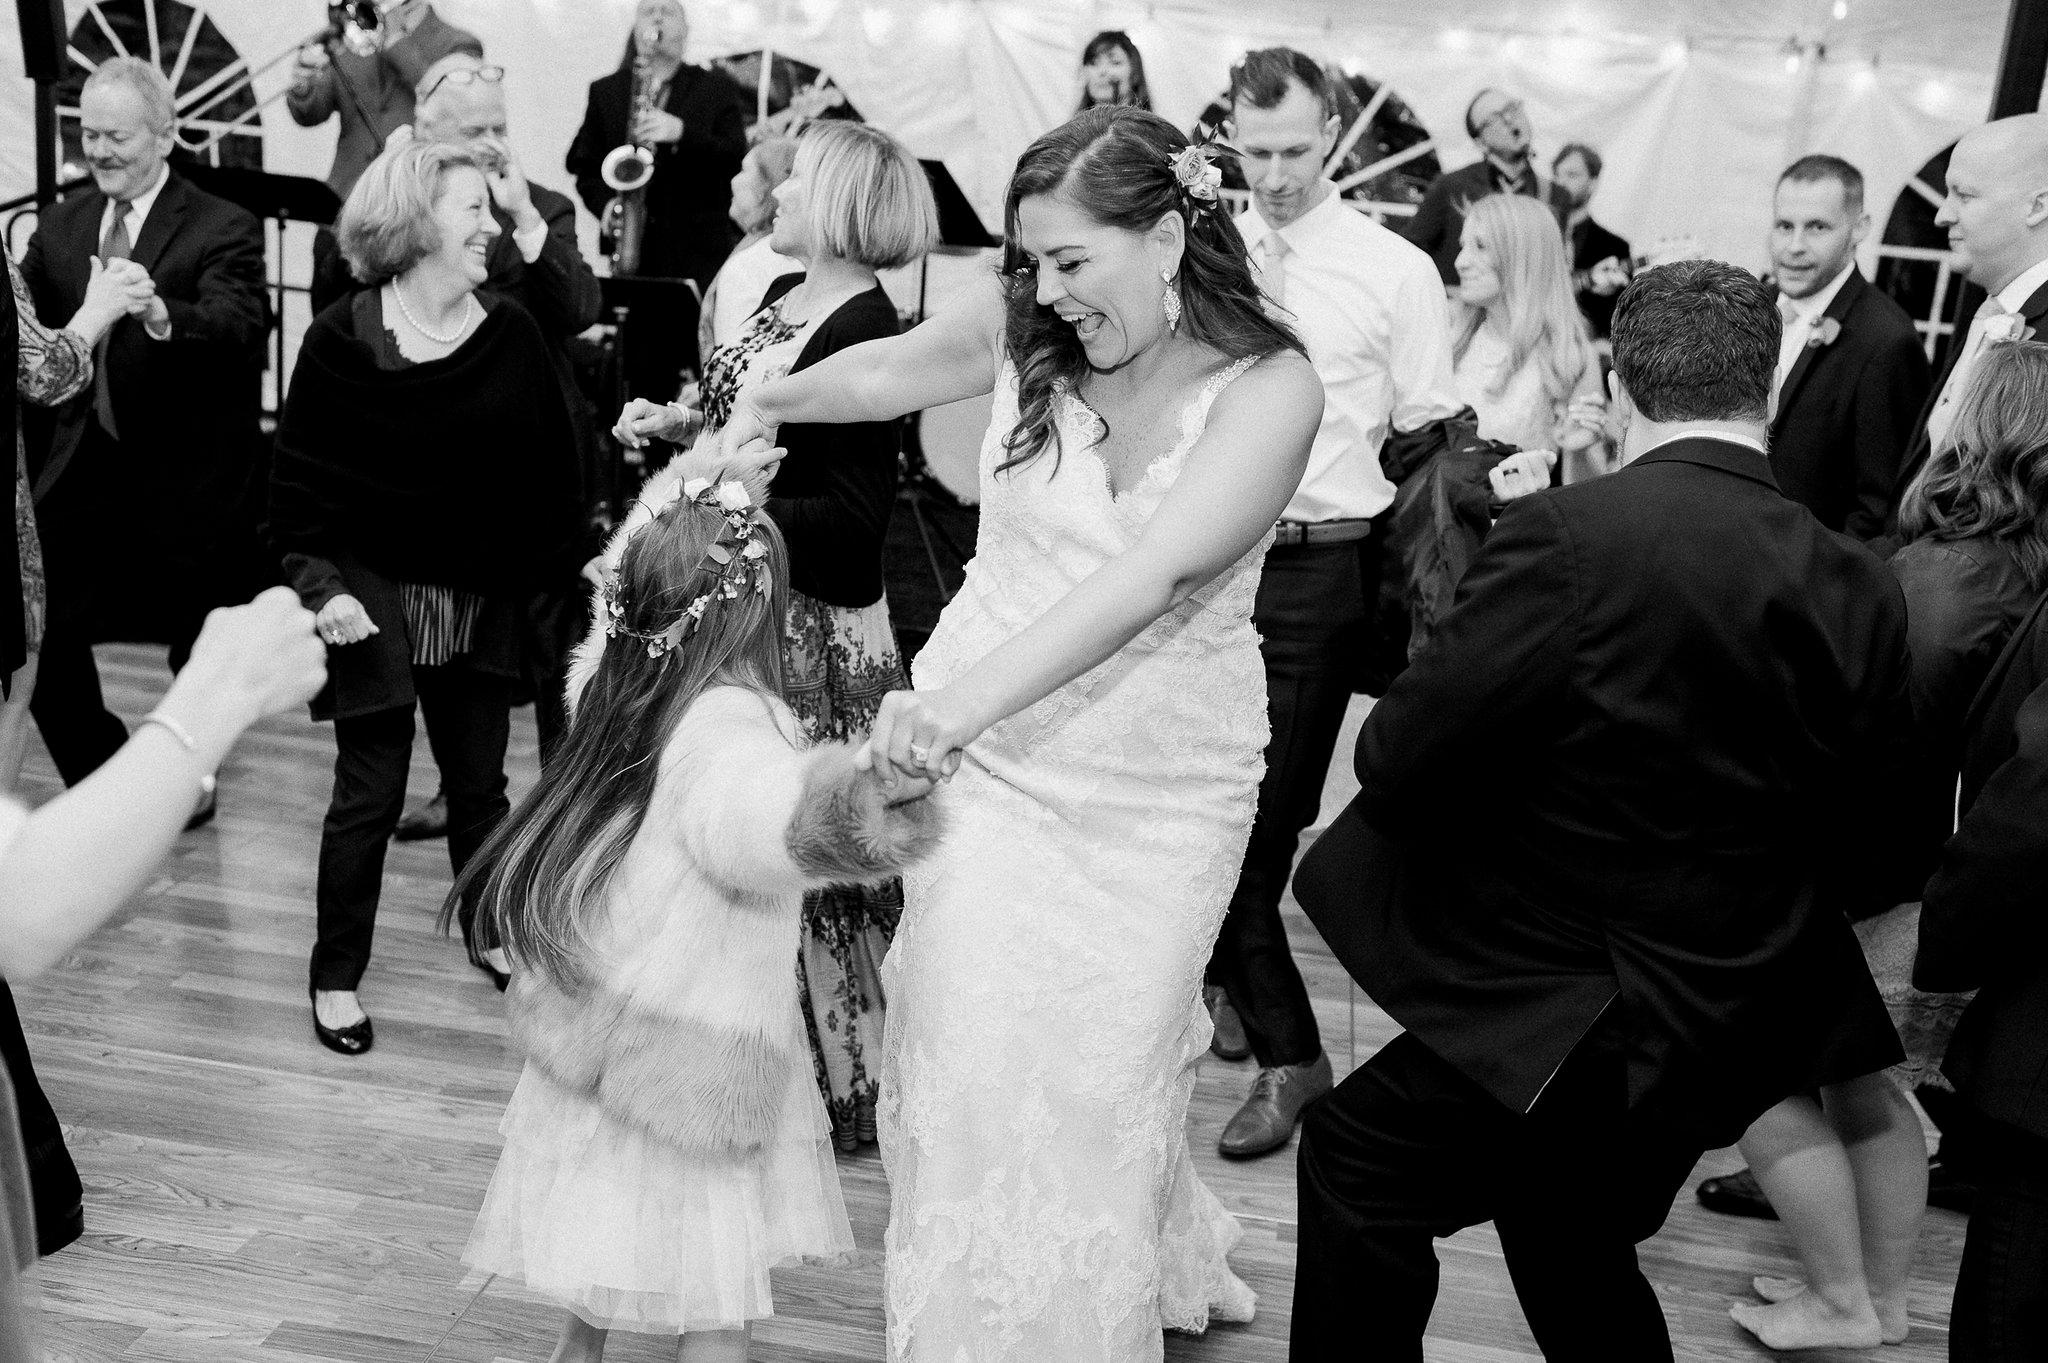 Elizabeth-Fogarty-Wedding-Photography-209.jpg